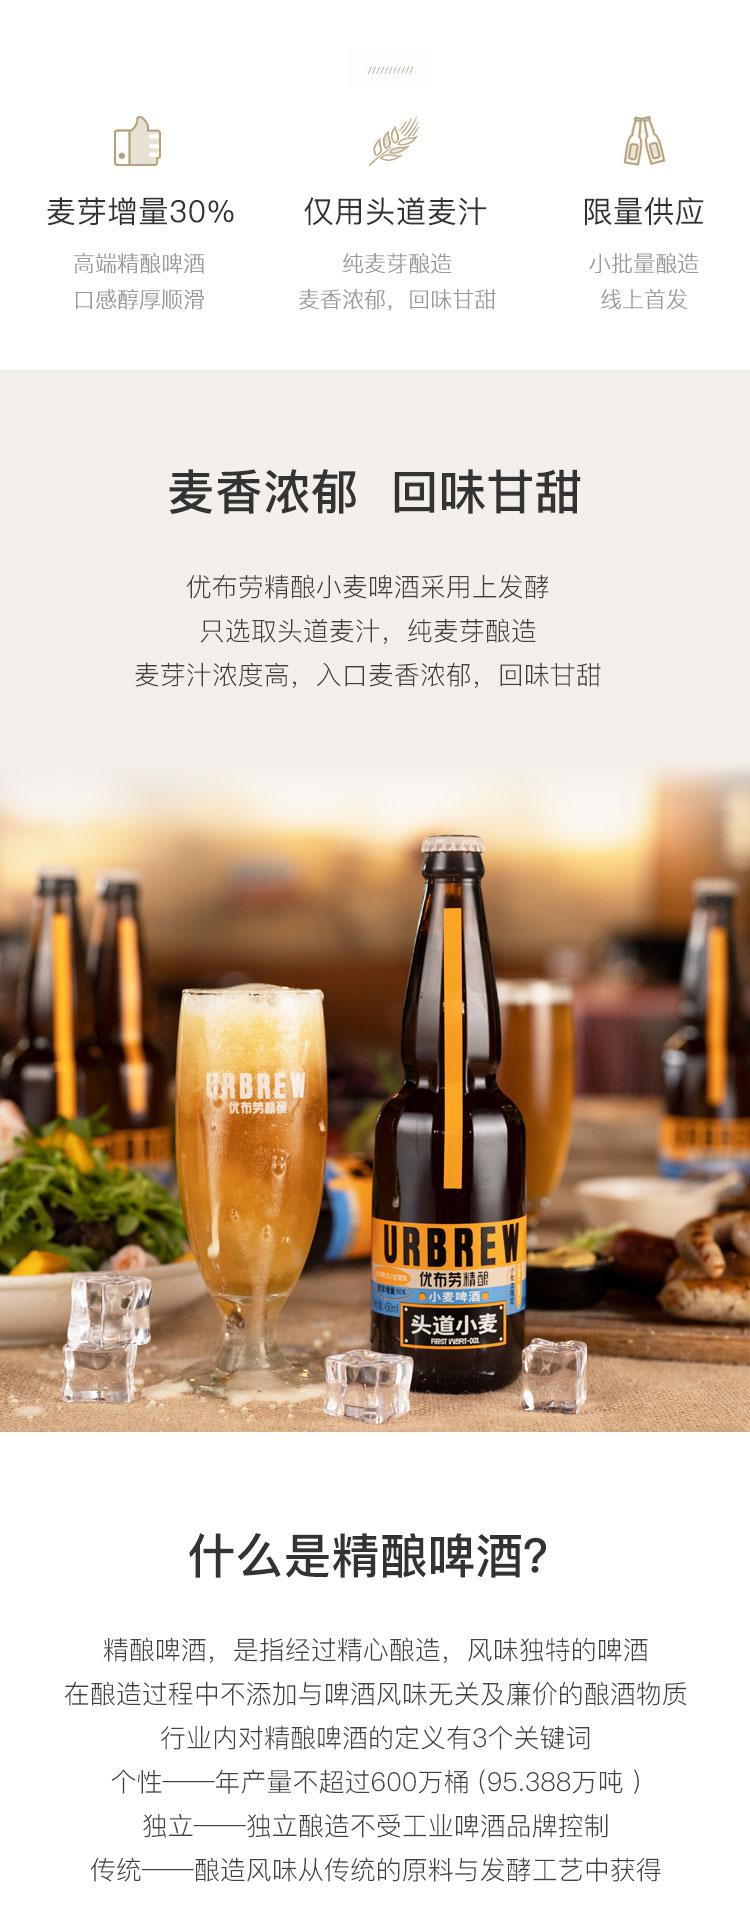 4、一瓶优布劳啤酒多少钱:你喝过优布劳啤酒吗?路过几次,感觉酒馆的气氛还不错。